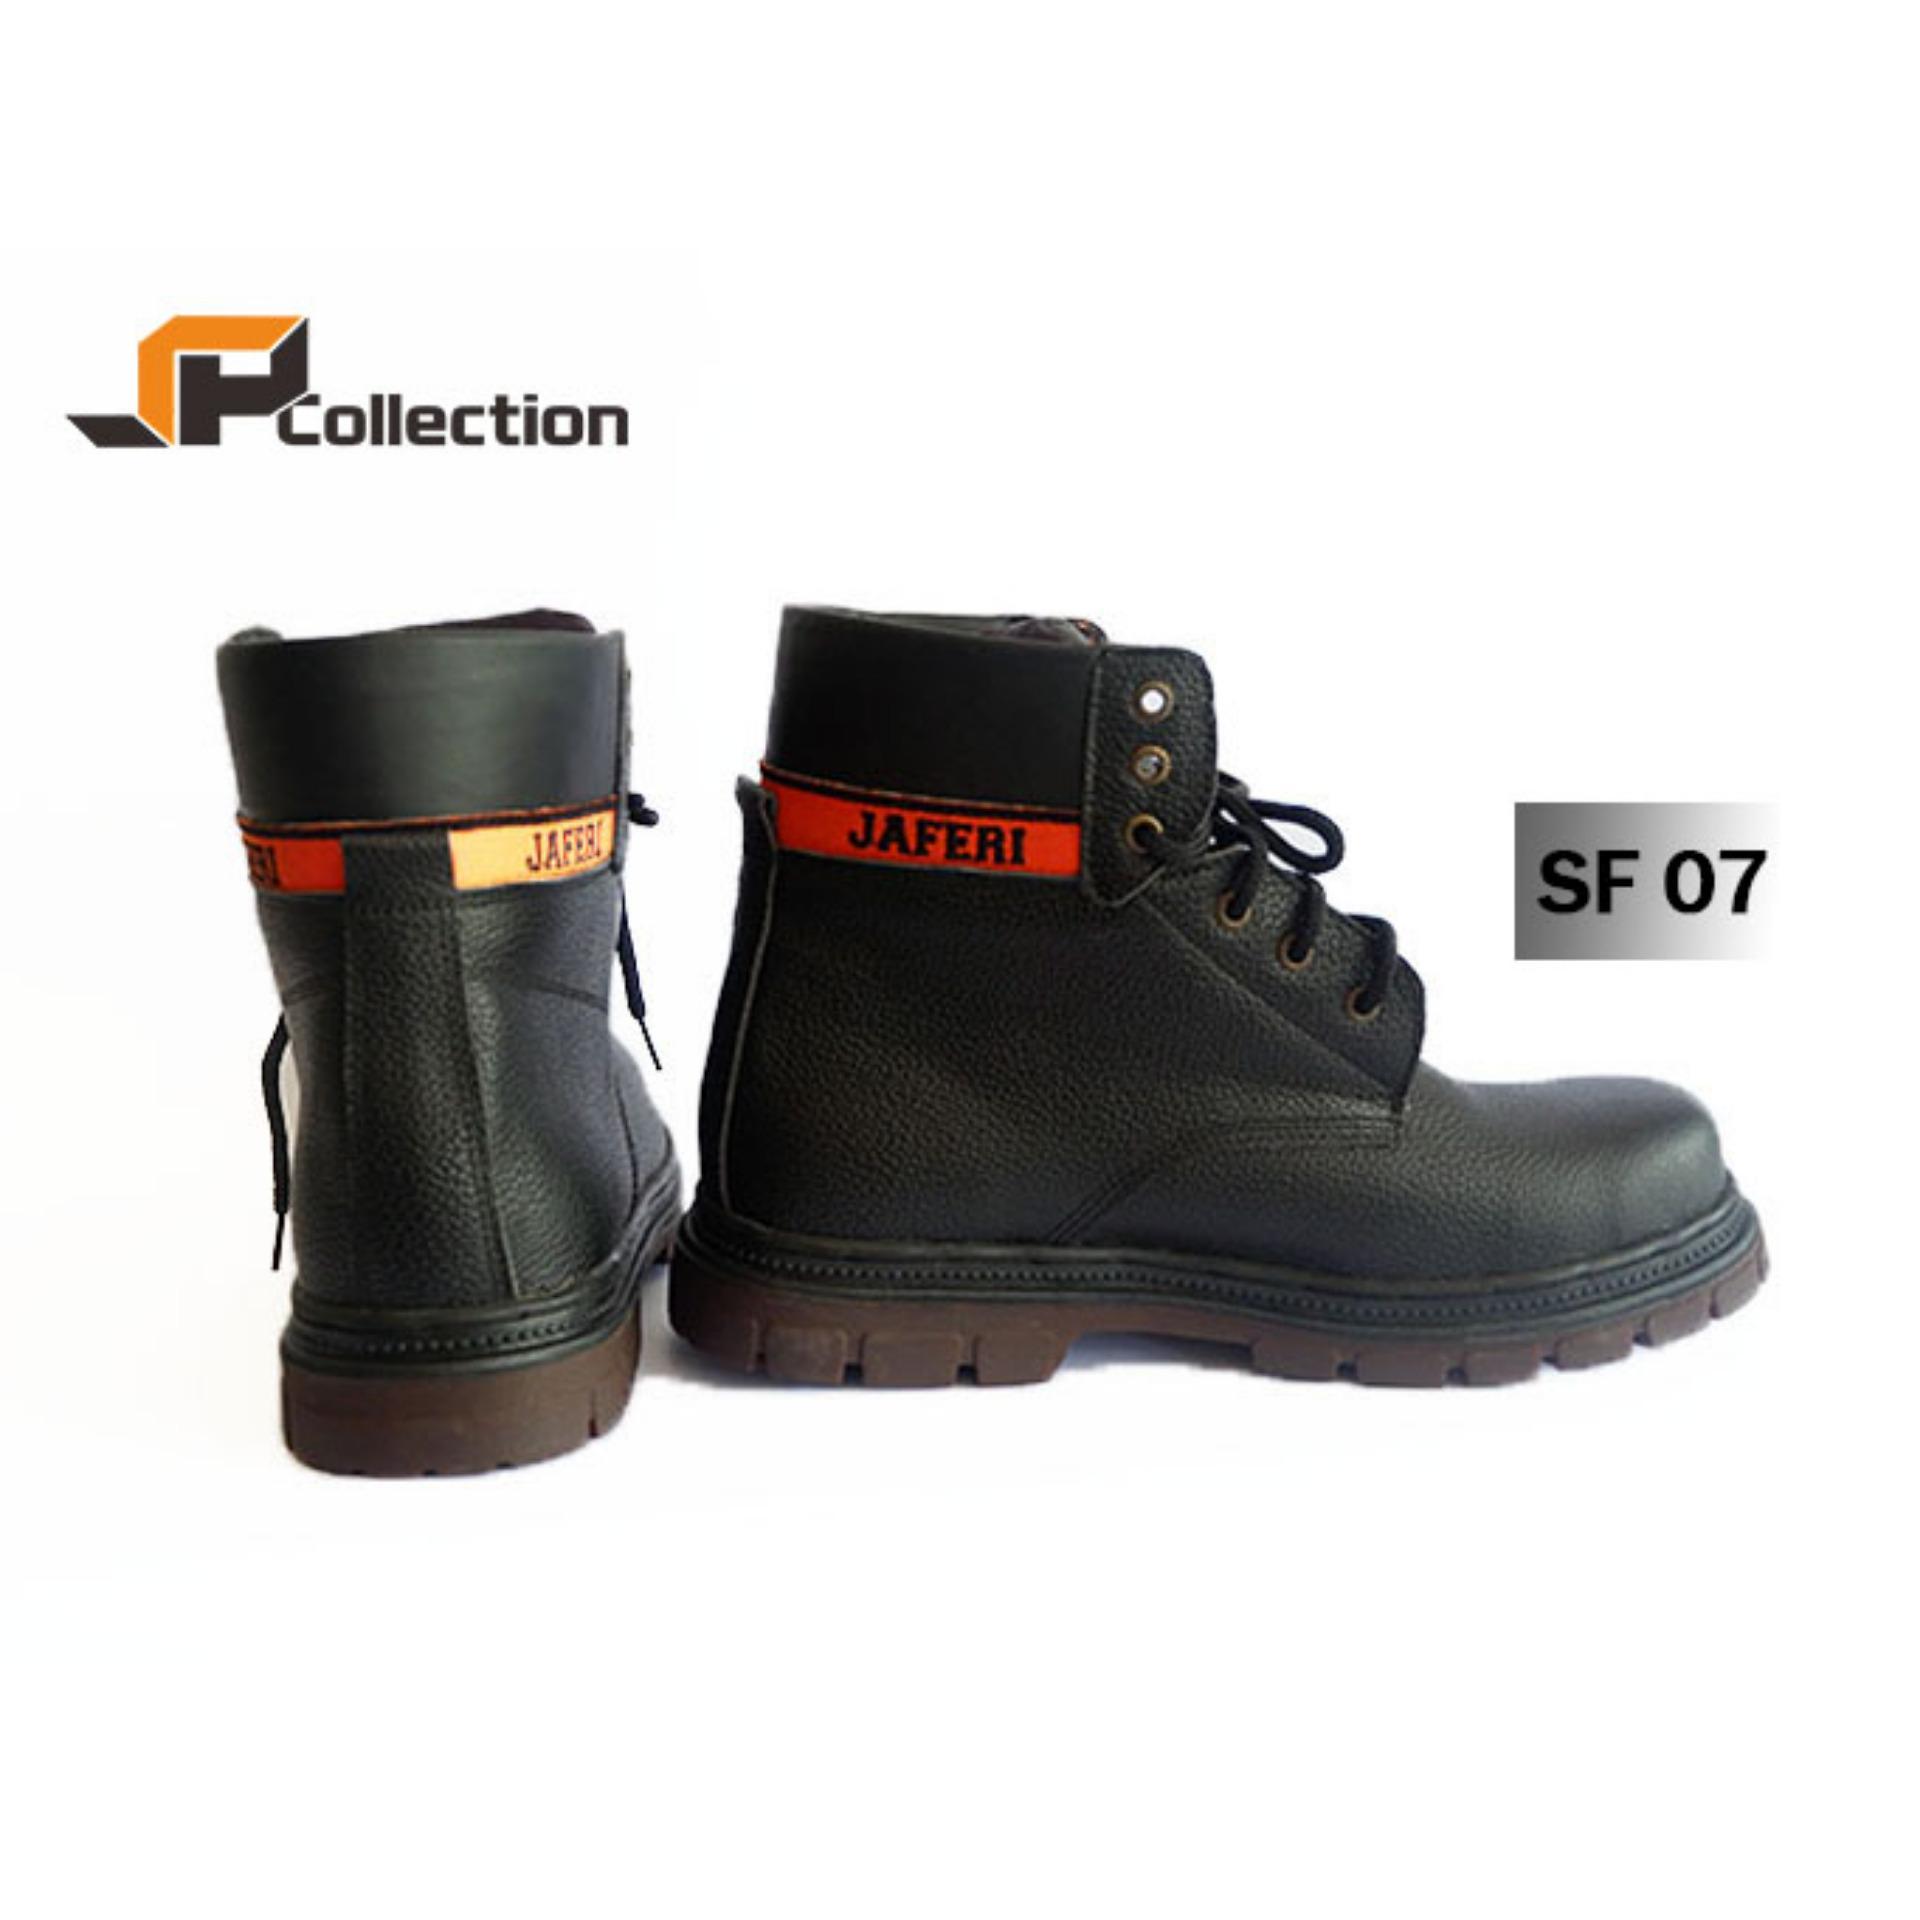 JAFERI Sepatu Boots SF 07 Warna Hitam Bahan Kulit Sapi Asli Safety Dengan Besi Pengaman Di Bagian Depan